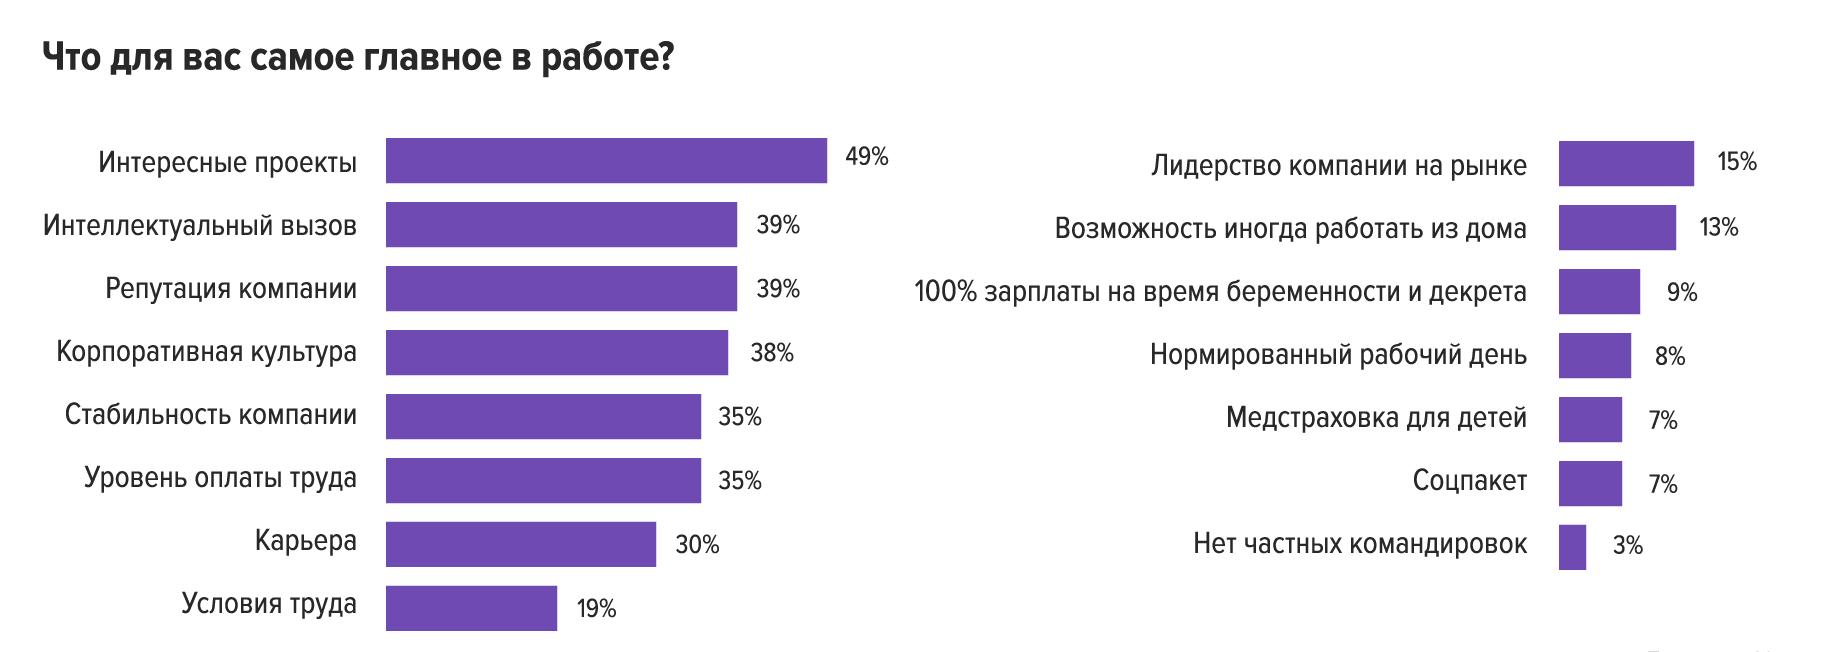 Что мы знаем о женщинах на топовых должностях: результаты исследования